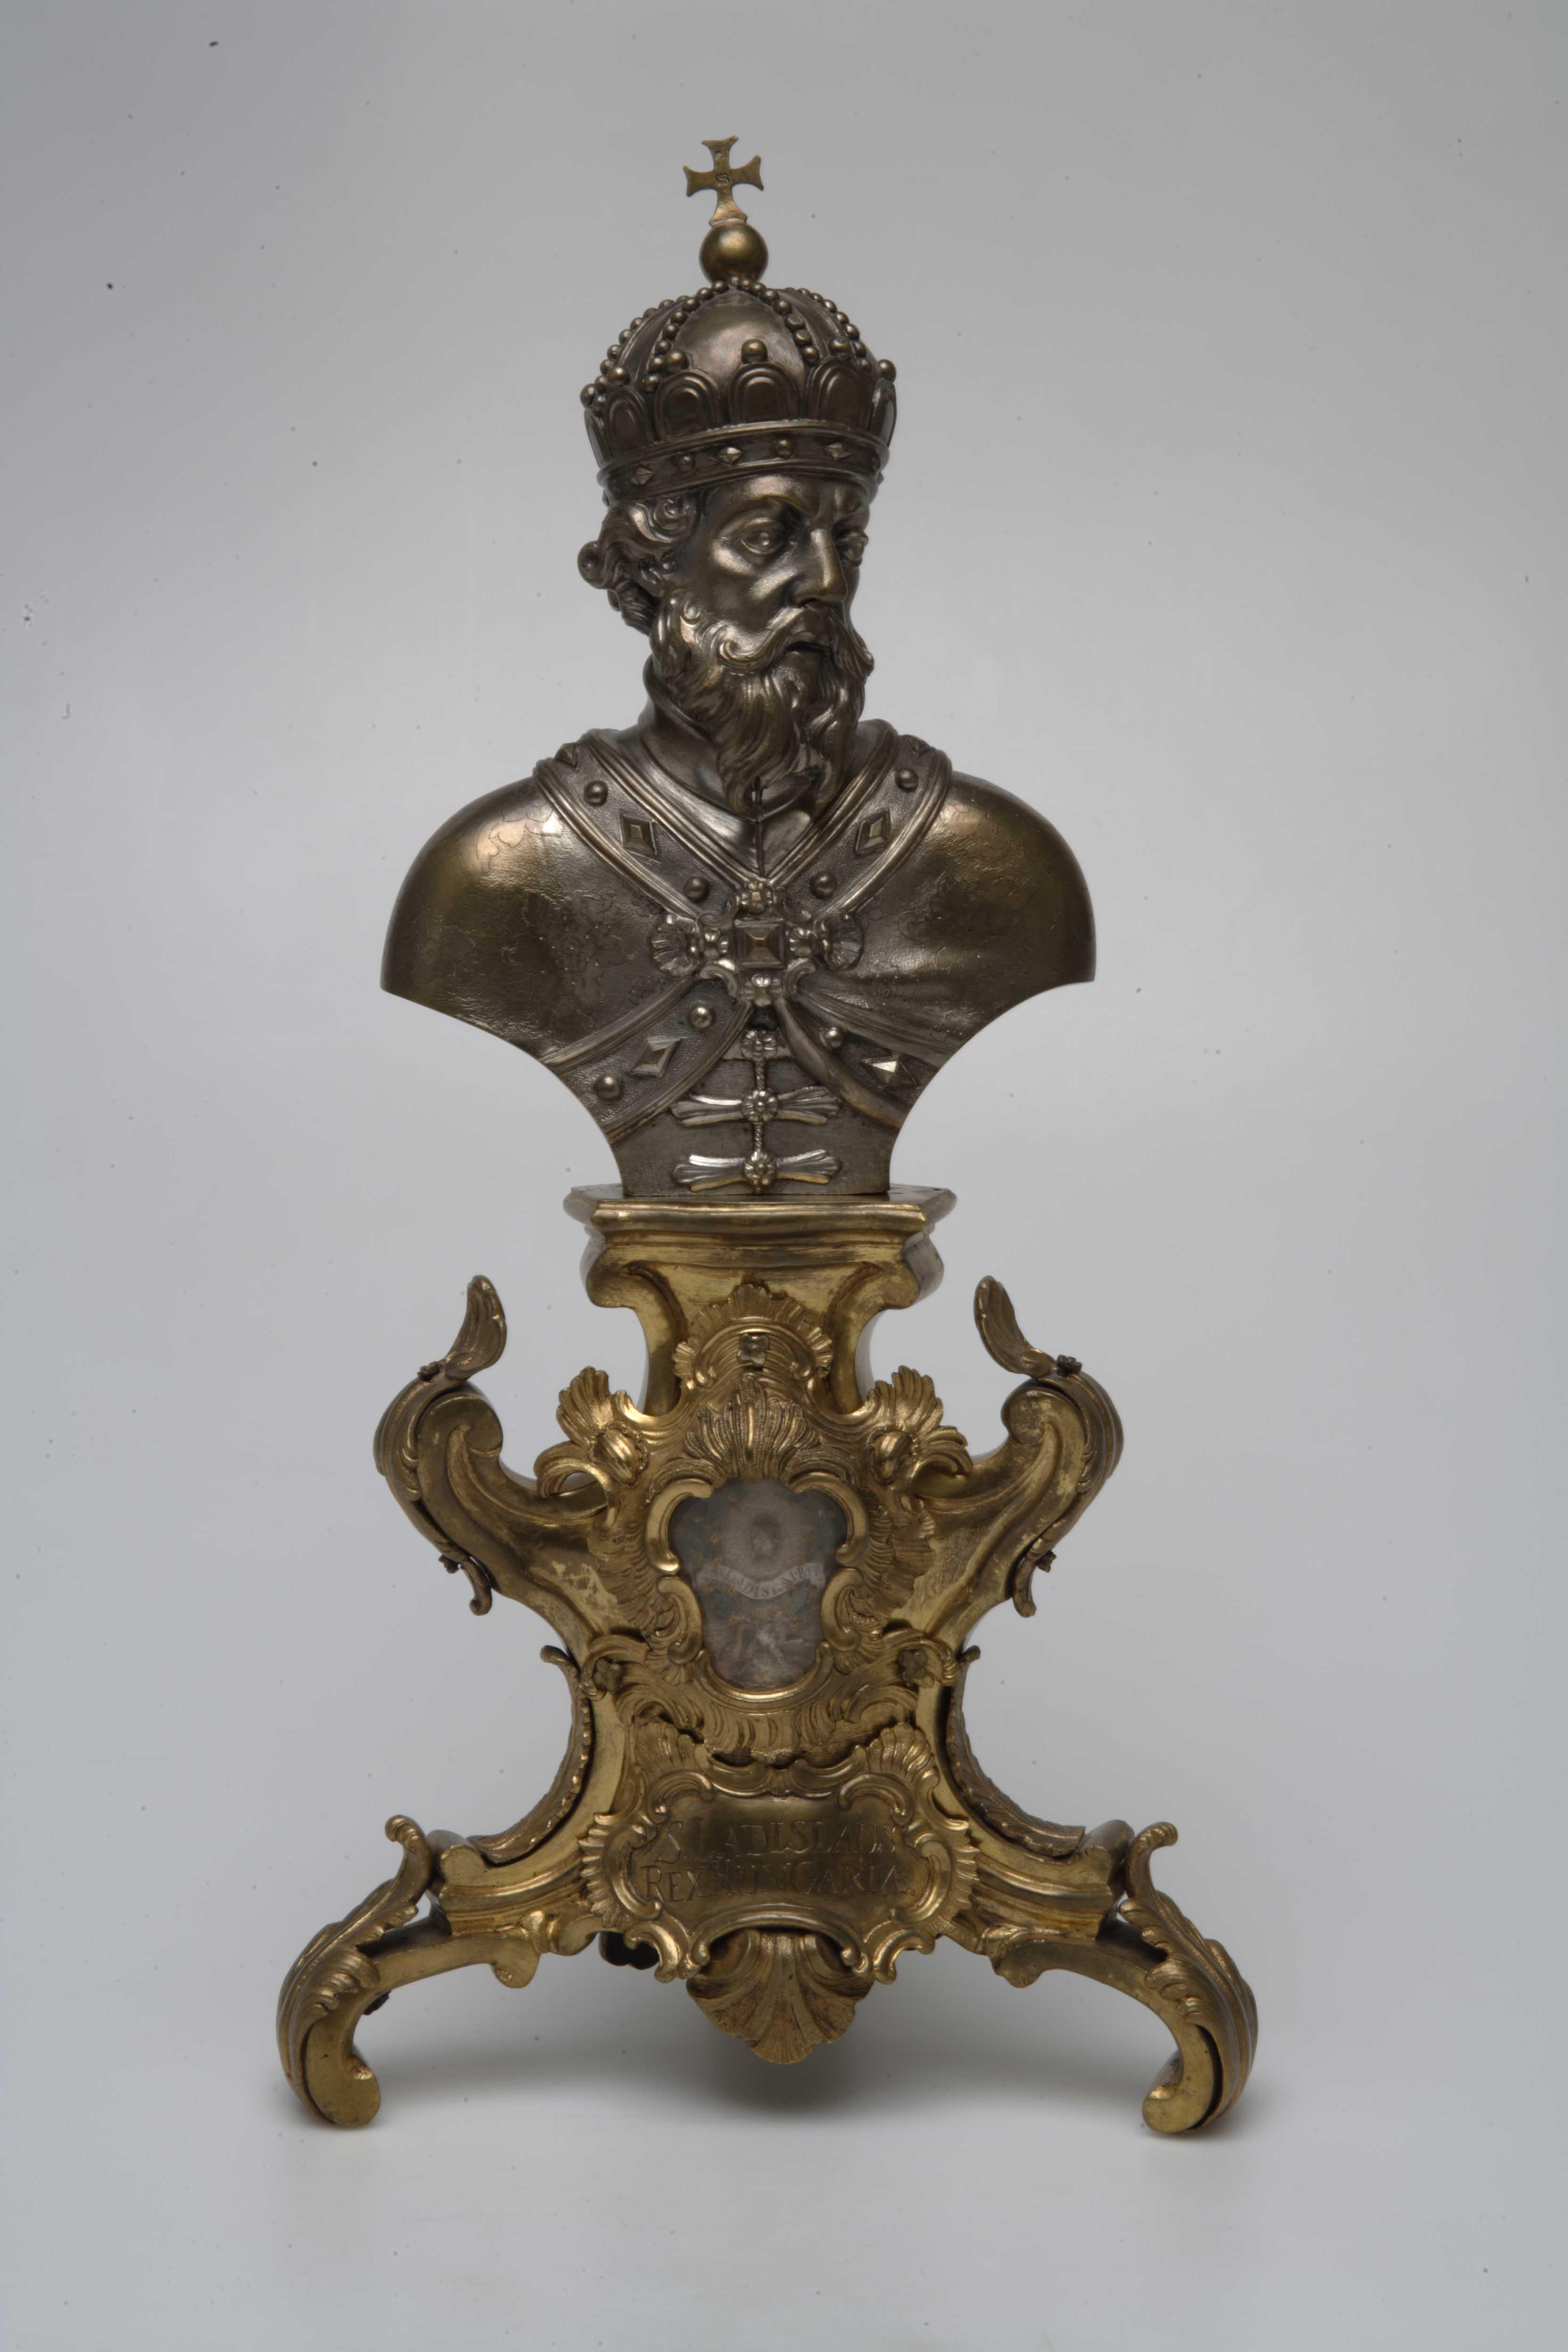 A Bécsi ereklyetartó a Magyar Nemzeti Múzeumban (Forrás: mnm.hu, Magyar Nemzeti Múzeum)